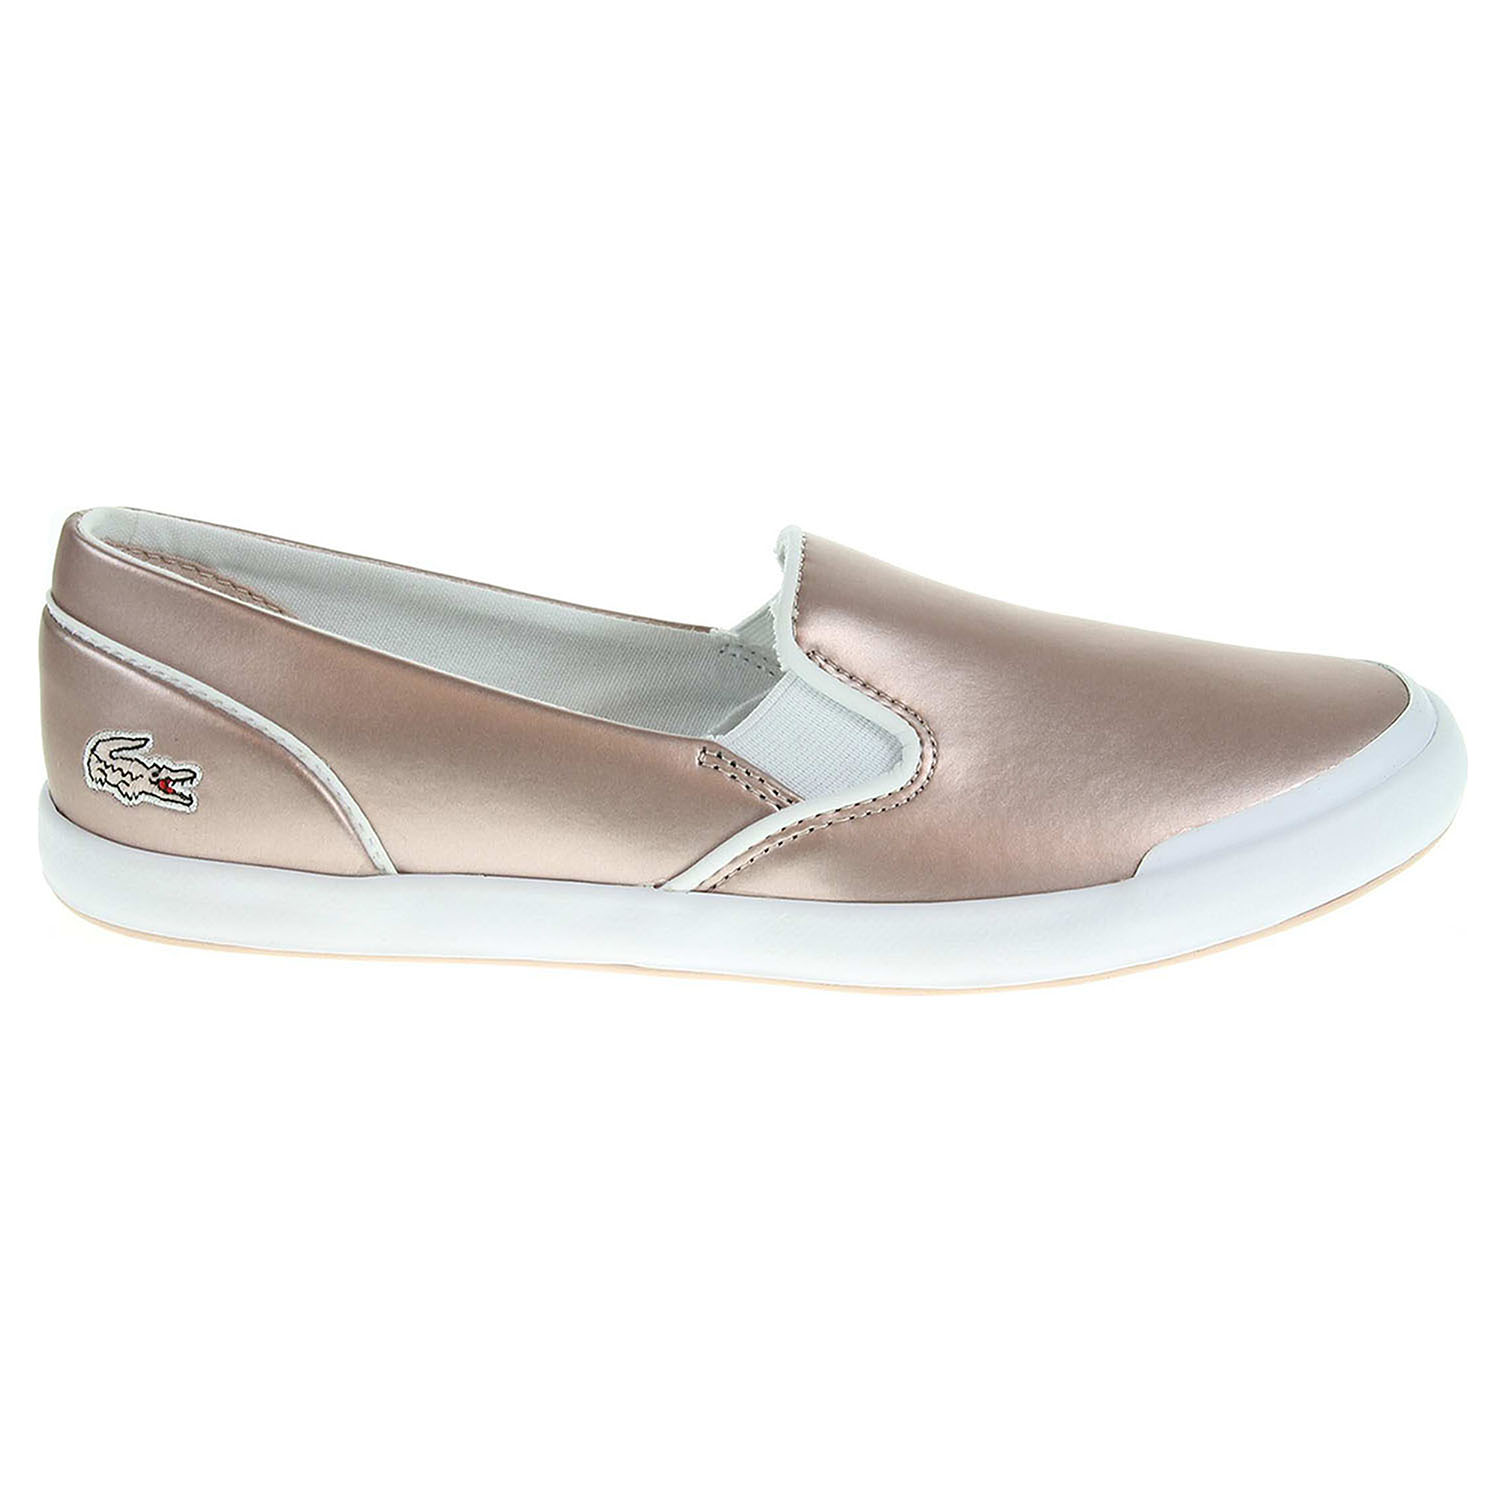 Lacoste Lancelle Slip-On dámská obuv růžová 37